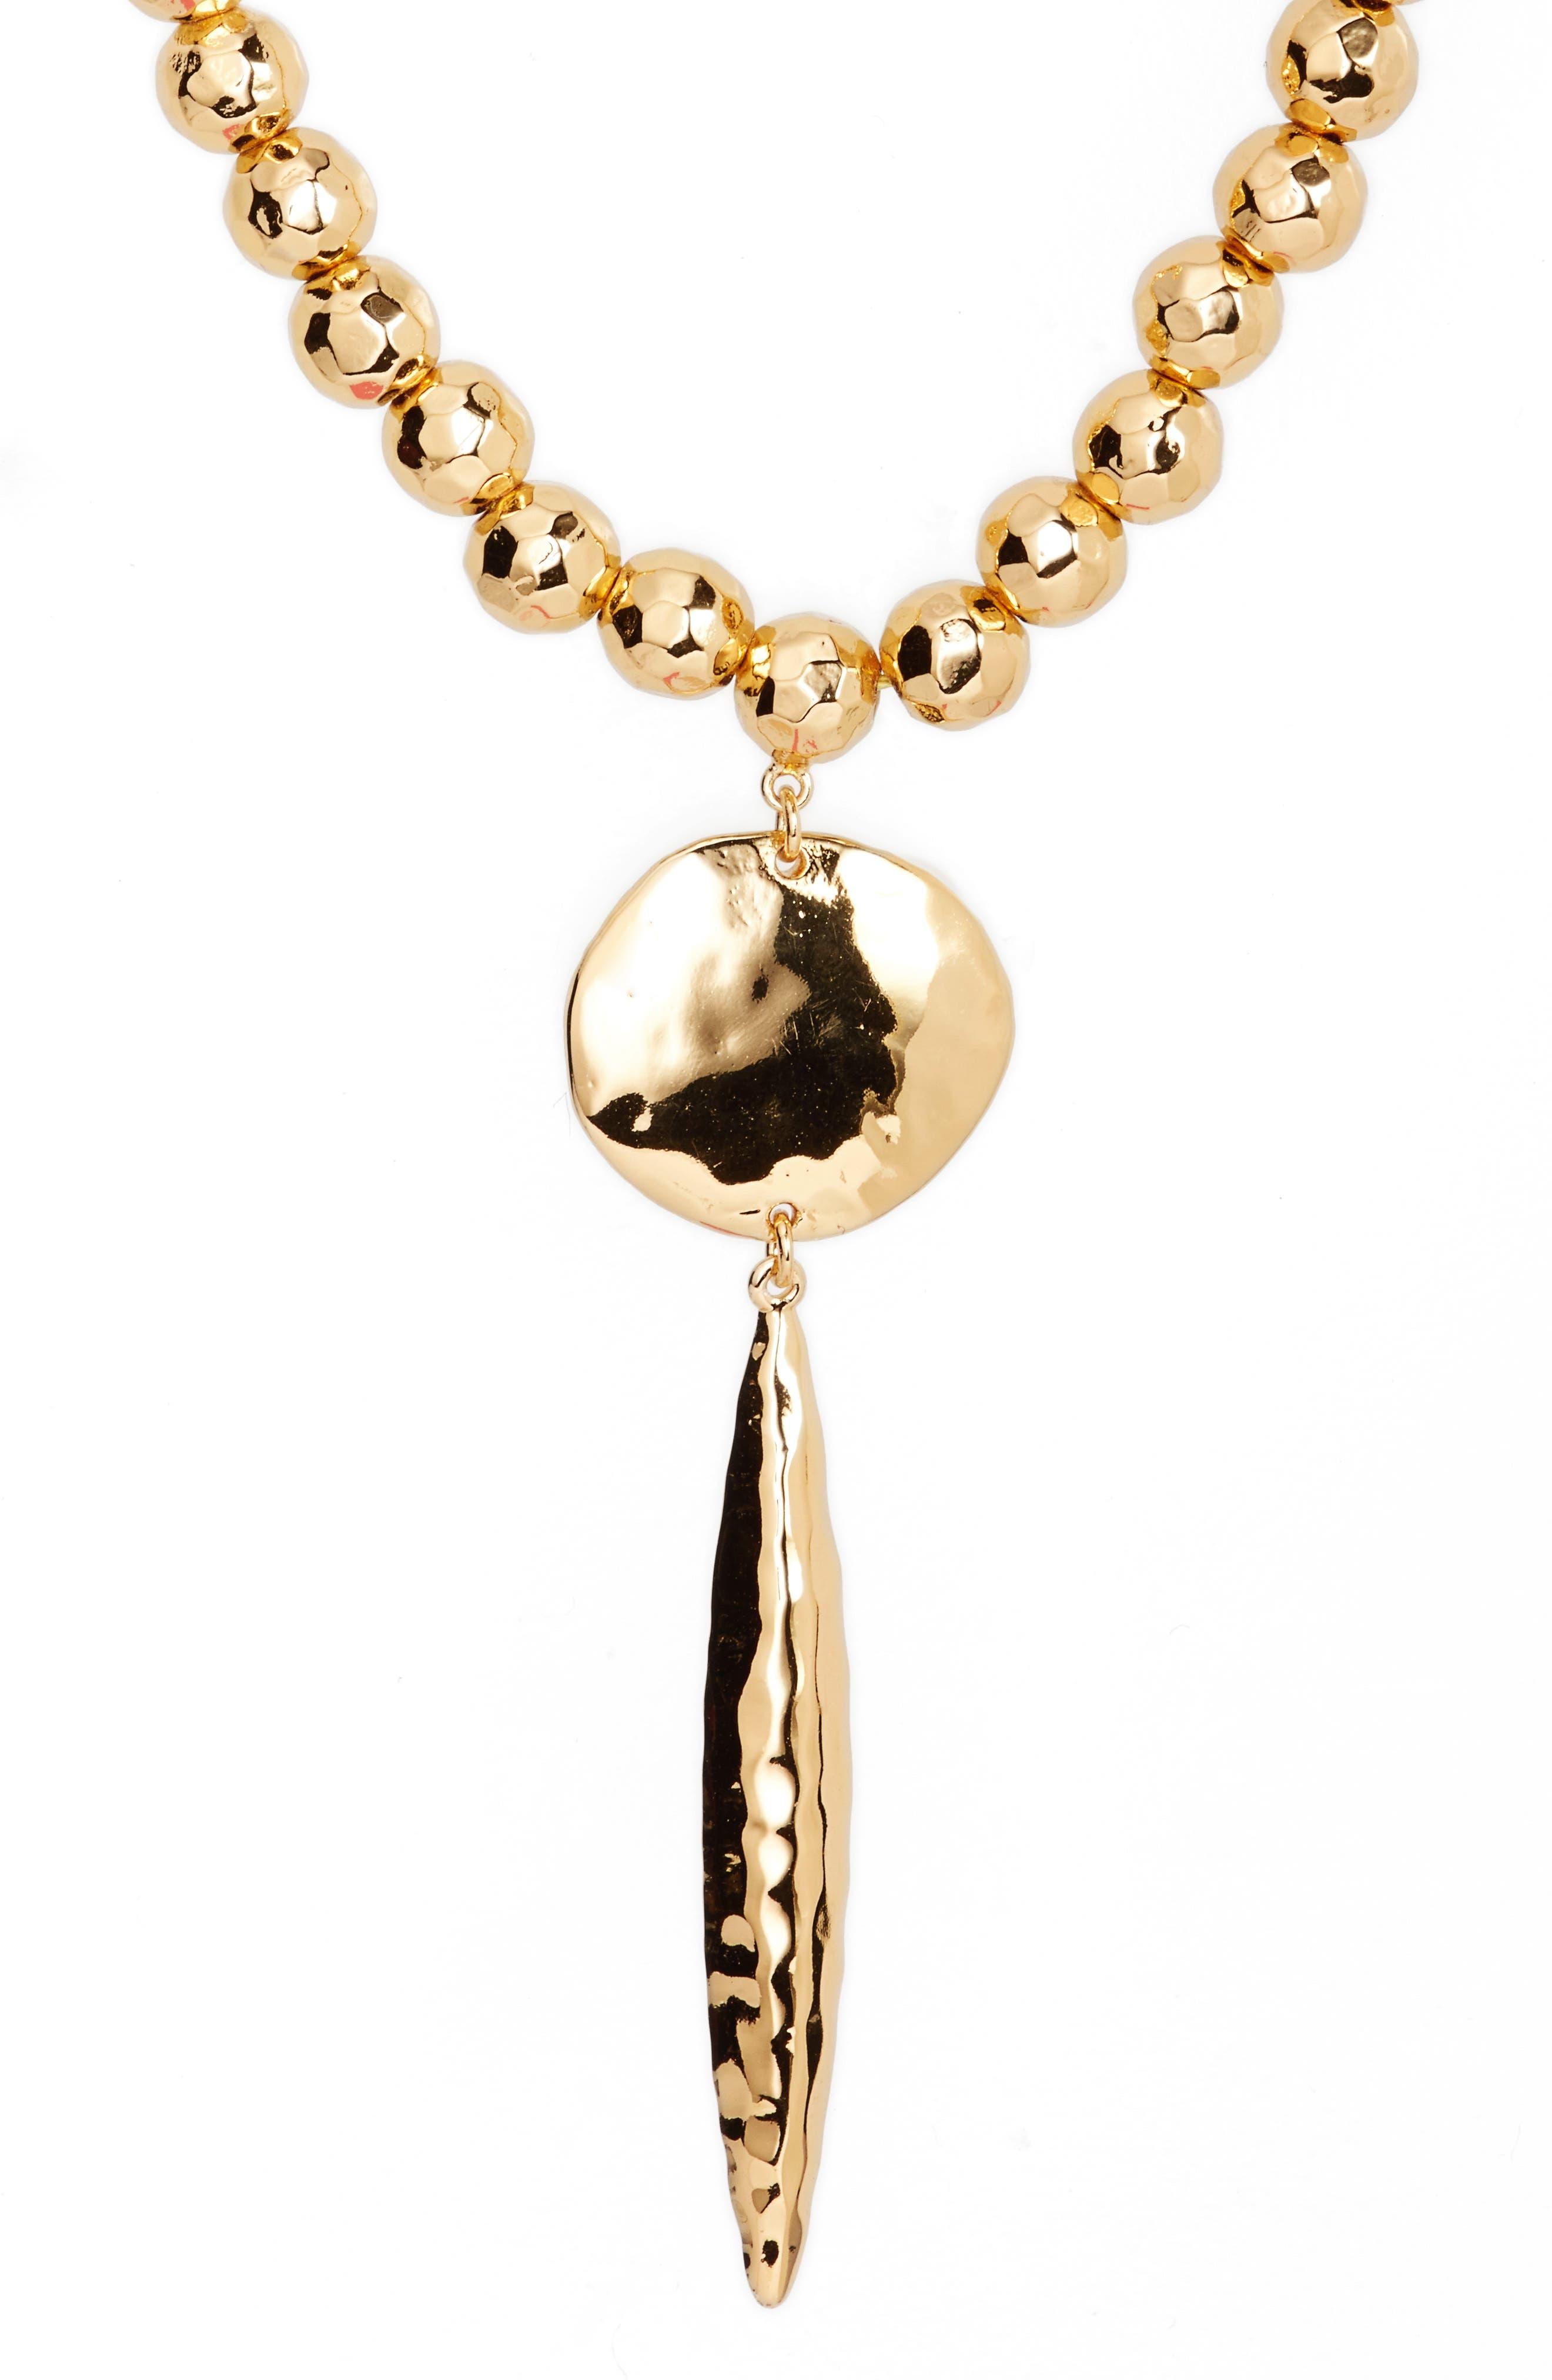 Alternate Image 1 Selected - gorjana Gypset Adjustable Pendant Necklace